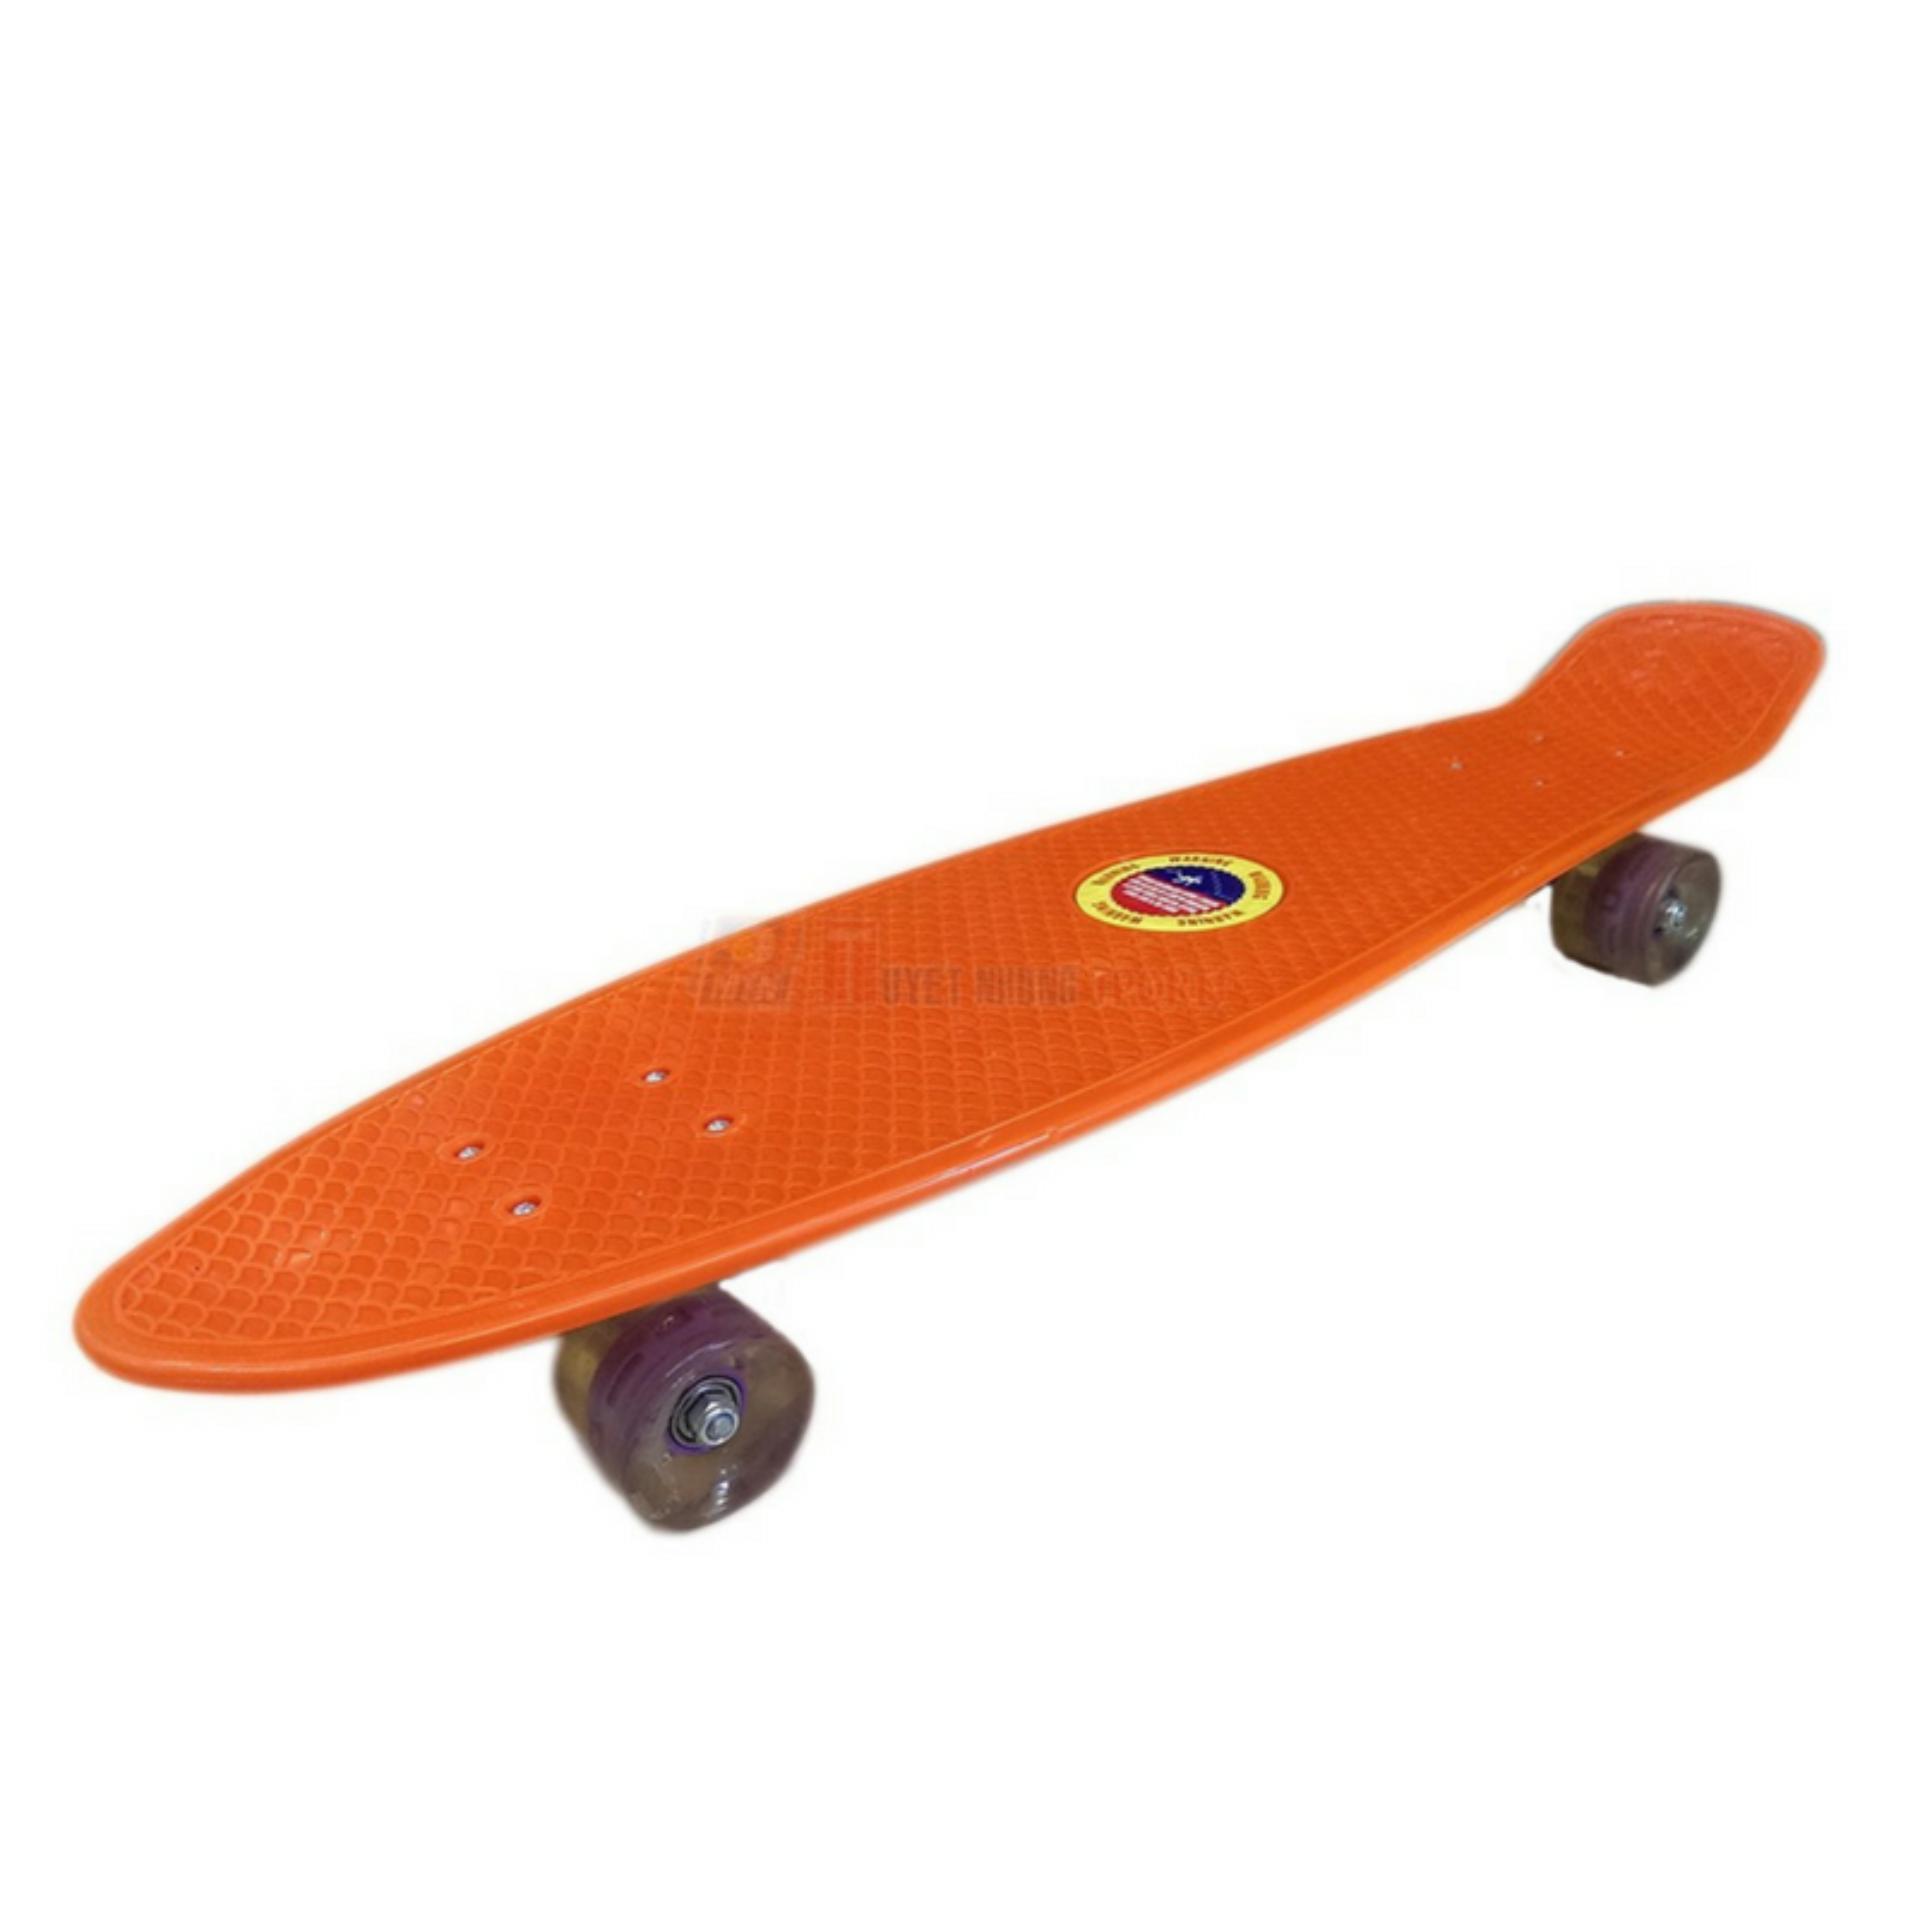 Ván trượt Skateboard Penny nhập khẩu cao cấp - tiêu chuẩn thi đấu - cam